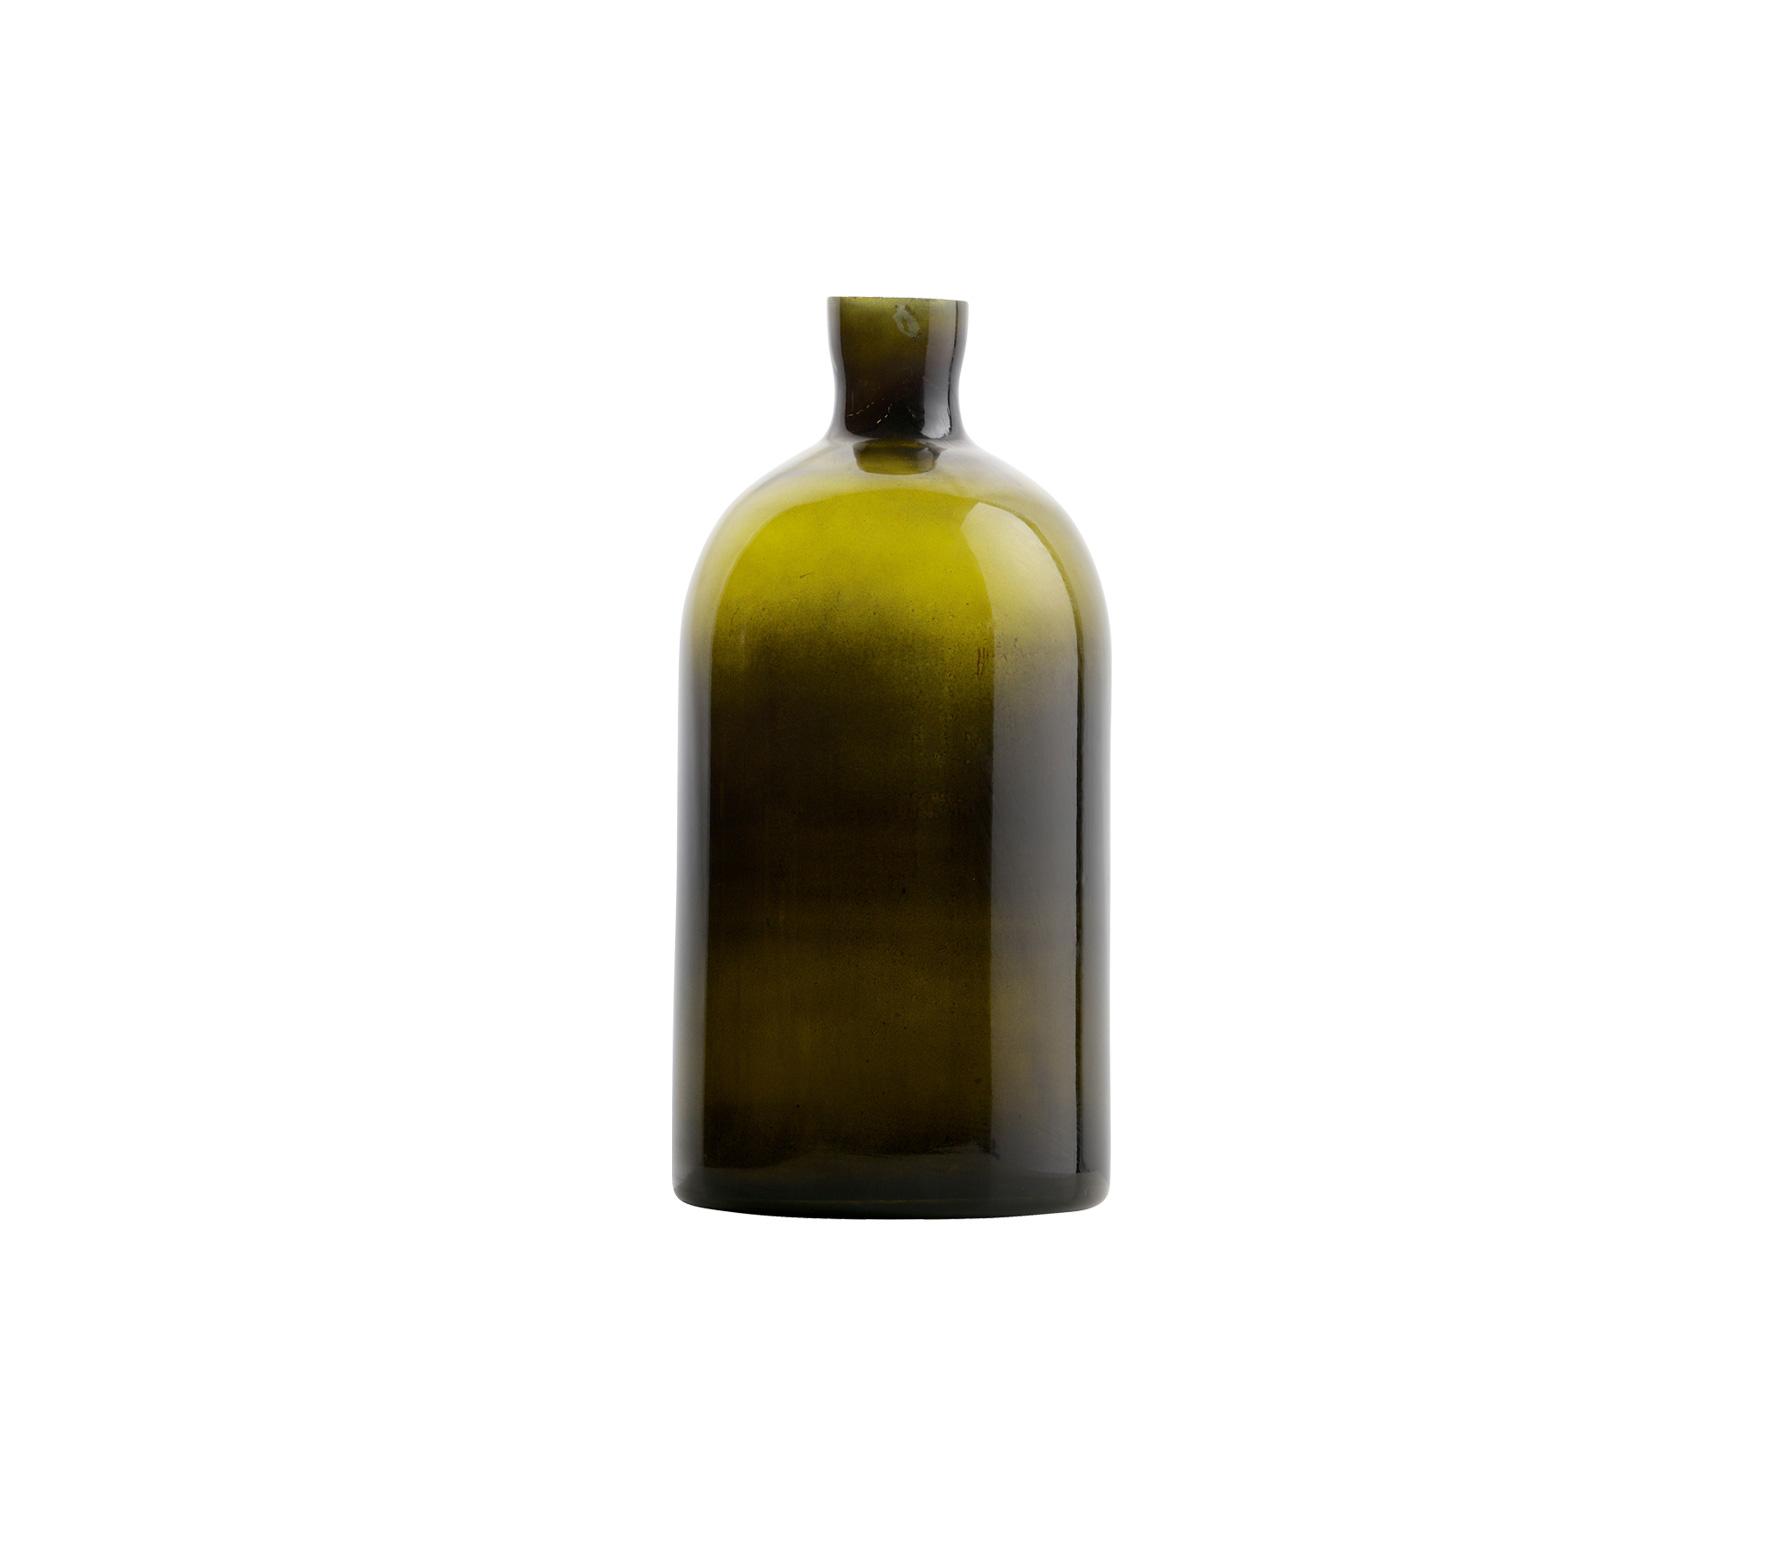 BePureHome Chemistry glazen vaas Large olive Olive